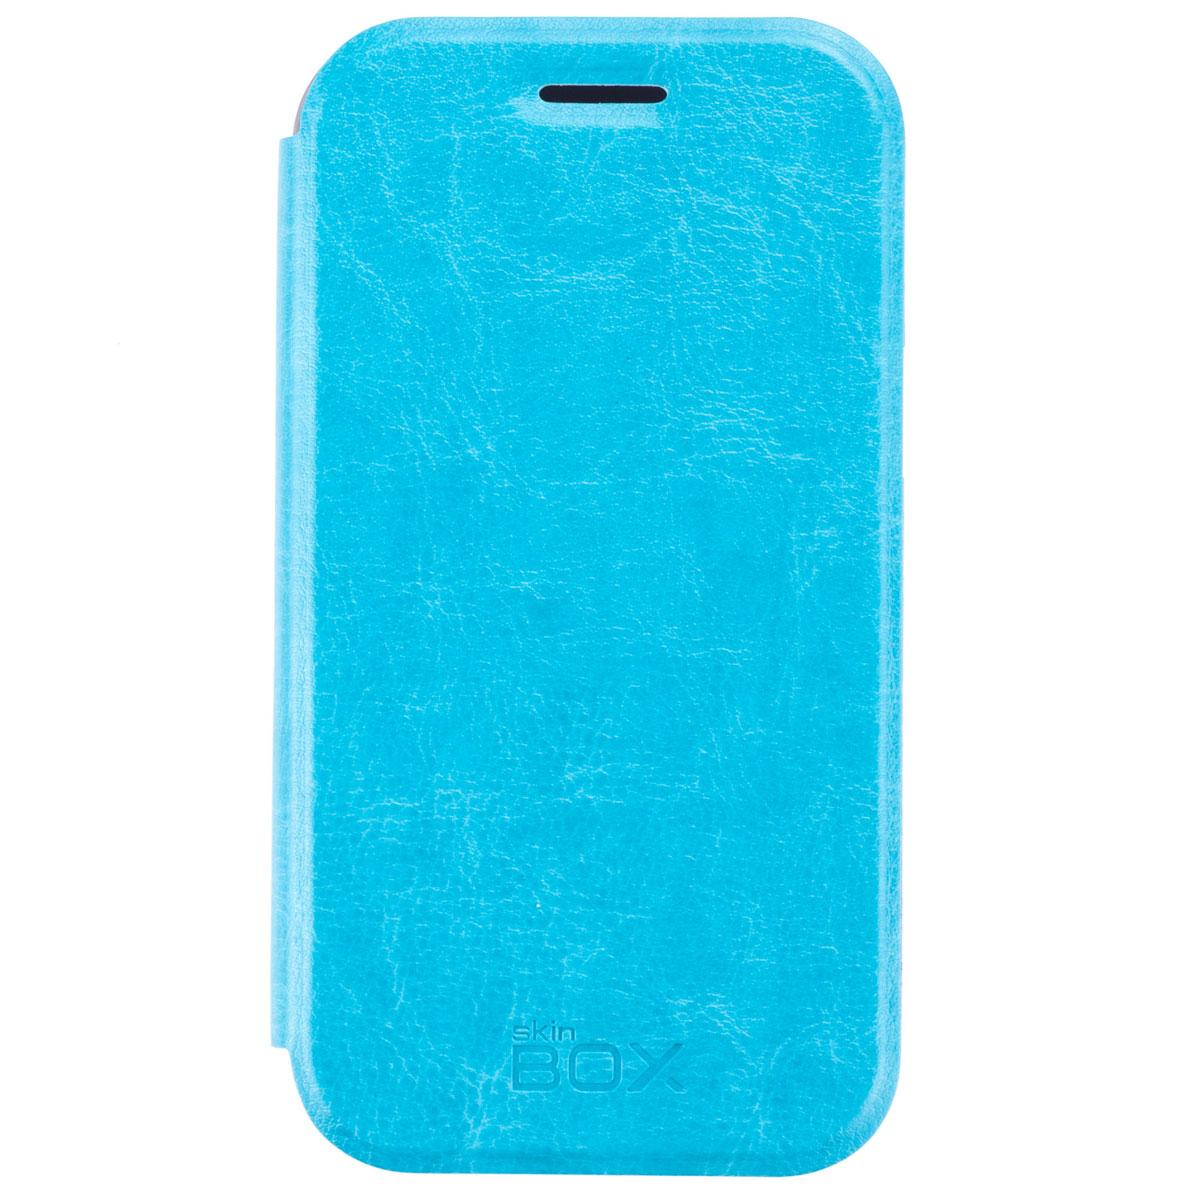 Skinbox Lux чехол для Samsung Galaxy J1 DS, BlueT-S-SJ1-003Чехол Skinbox Lux выполнен из высококачественного поликарбоната и экокожи. Он обеспечивает надежную защиту корпуса и экрана смартфона и надолго сохраняет его привлекательный внешний вид. Чехол также обеспечивает свободный доступ ко всем разъемам и клавишам устройства.